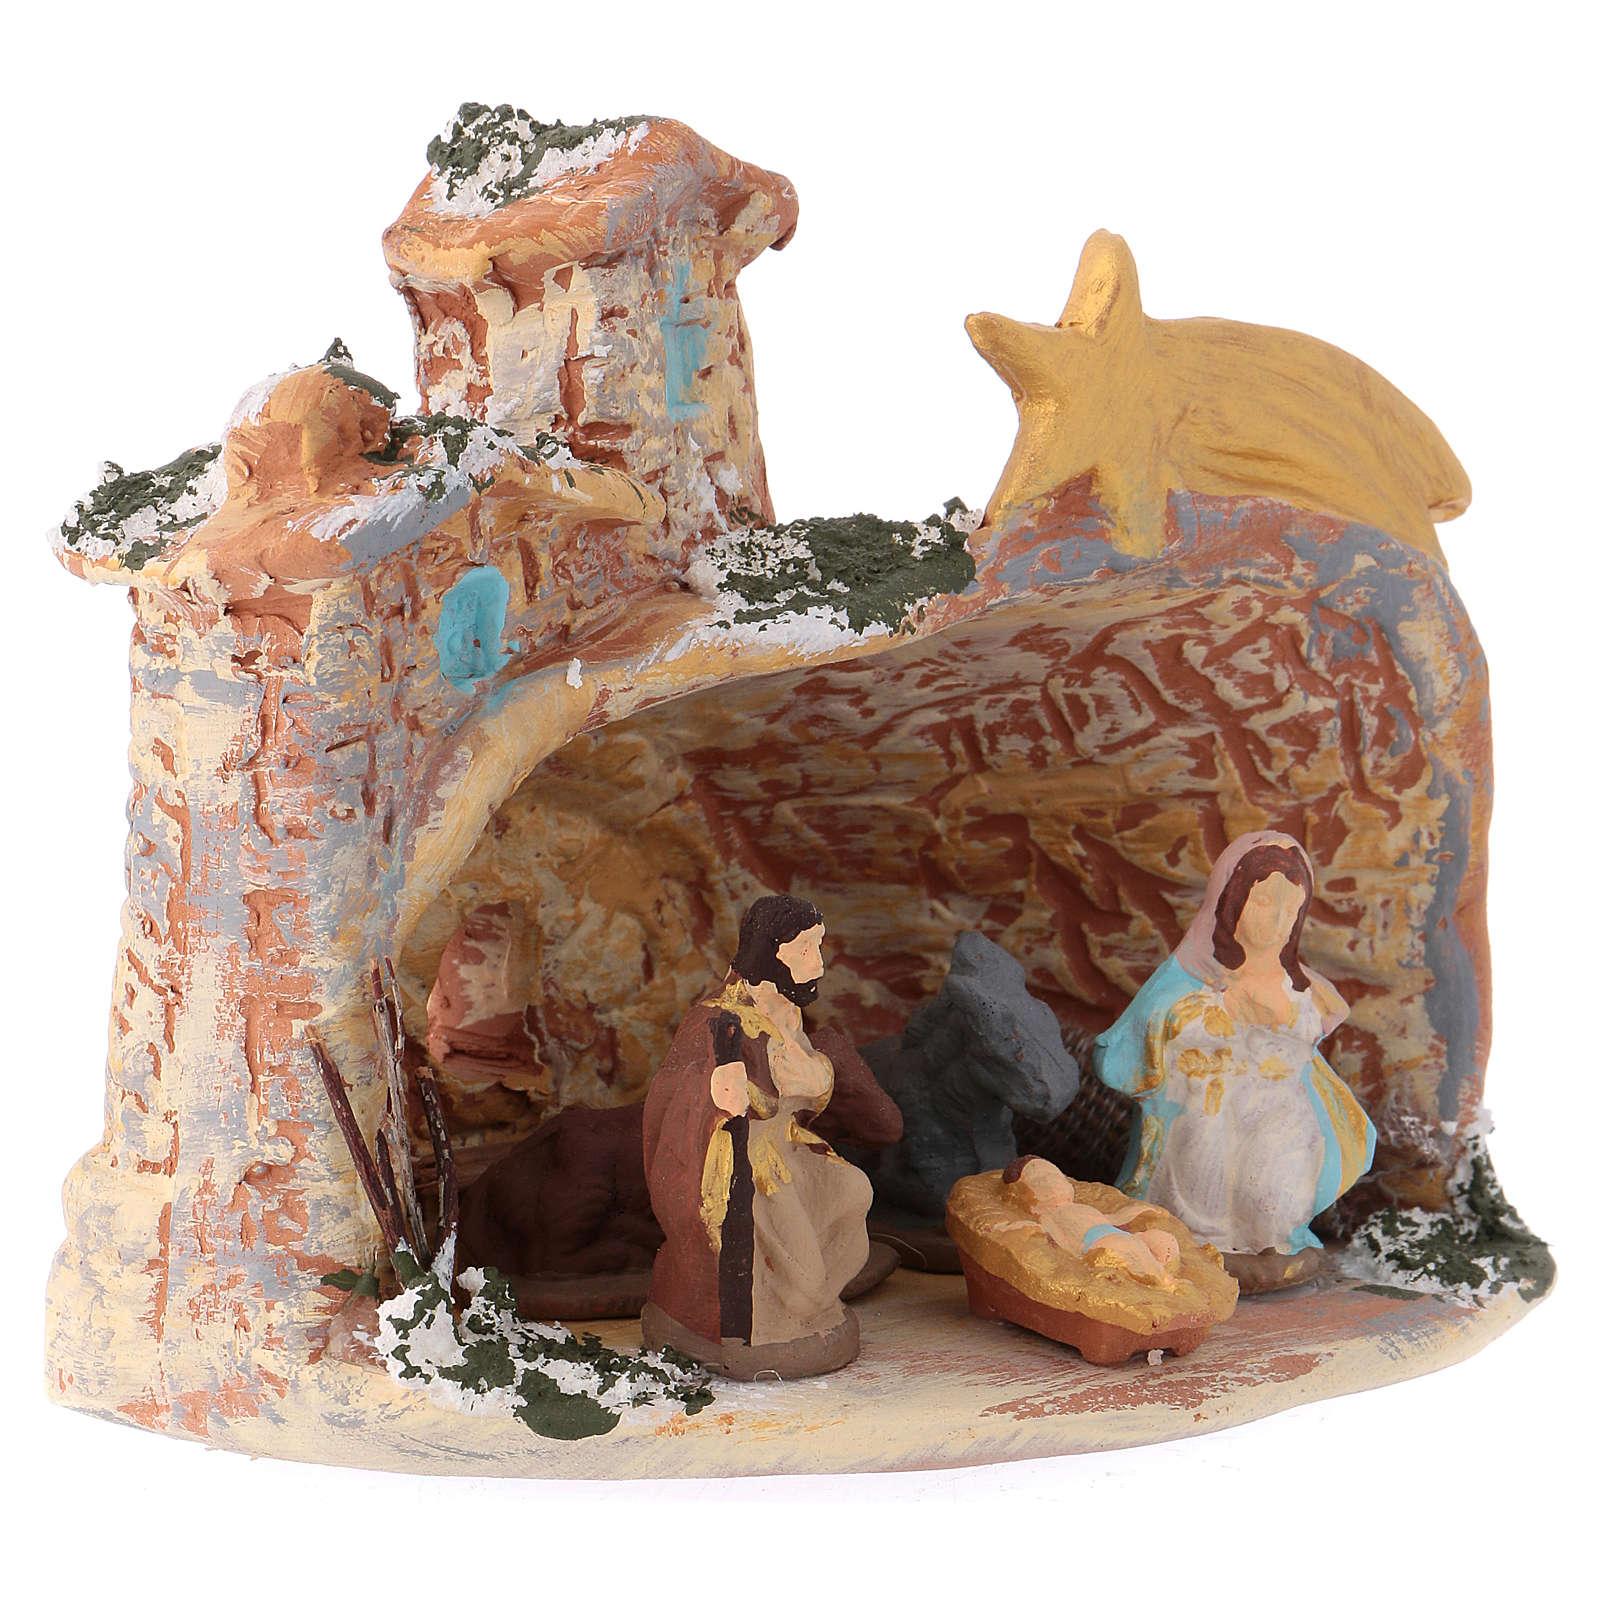 Capanna 10x10x10 cm in ceramica Deruta colorata con natività 4 cm  4